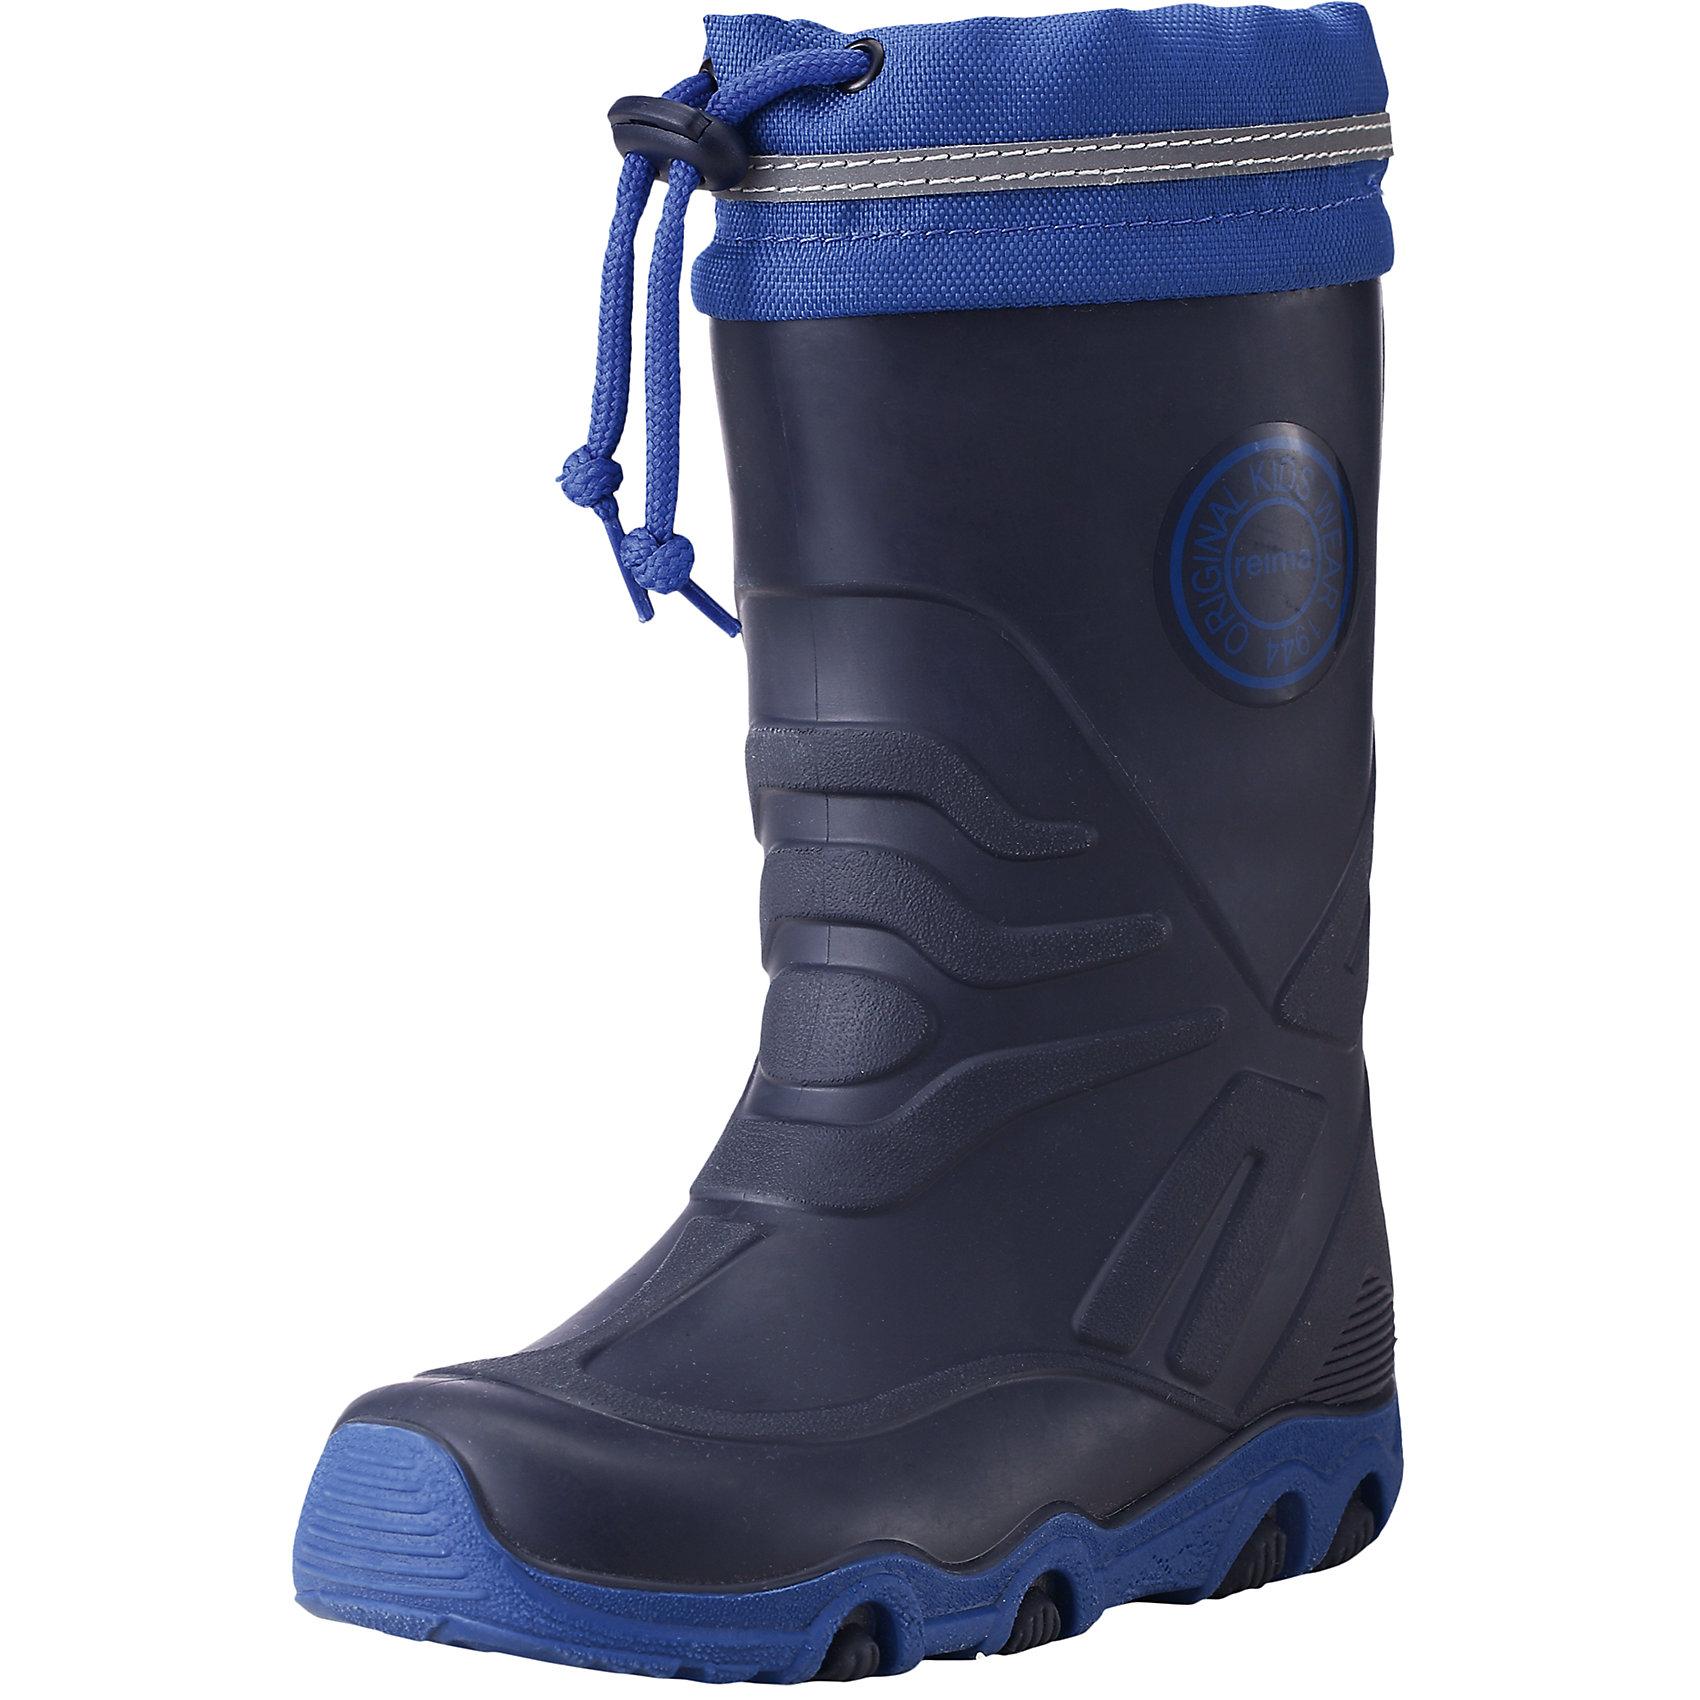 Резиновые сапоги Slate для мальчика Reimatec® ReimaОбувь<br>Сапоги  Reimatec® Reima<br>Веллингтоны для детей. Водонепроницаемая зимняя обувь. Подошва из термопластичного каучука обеспечивает хорошее сцепление с поверхностью. Подкладка из смеси шерсти. Сделано в Италии. Алюминиевая стелька для улучшенной теплоизоляции. Светоотражающие детали. Снегозащитная манжета на воротнике. Без ПХВ.<br>Уход:<br>Храните обувь в вертикальном положении при комнатной температуре. Сушить обувь всегда следует при комнатной температуре: вынув съемные стельки. Стельки следует время от времени заменять на новые. Налипшую грязь можно счищать щеткой или влажной тряпкой. Перед использованием обувь рекомендуется обрабатывать специальными защитными средствами.<br>Состав:<br>Подошва: 100% термопластичная резина, Верх: термопластичная резина / ПЭ<br><br>Ширина мм: 237<br>Глубина мм: 180<br>Высота мм: 152<br>Вес г: 438<br>Цвет: синий<br>Возраст от месяцев: 12<br>Возраст до месяцев: 15<br>Пол: Мужской<br>Возраст: Детский<br>Размер: 21,36,26,29,33,23,27,35,22,28,30,24,32,31,20,34,25<br>SKU: 4776809